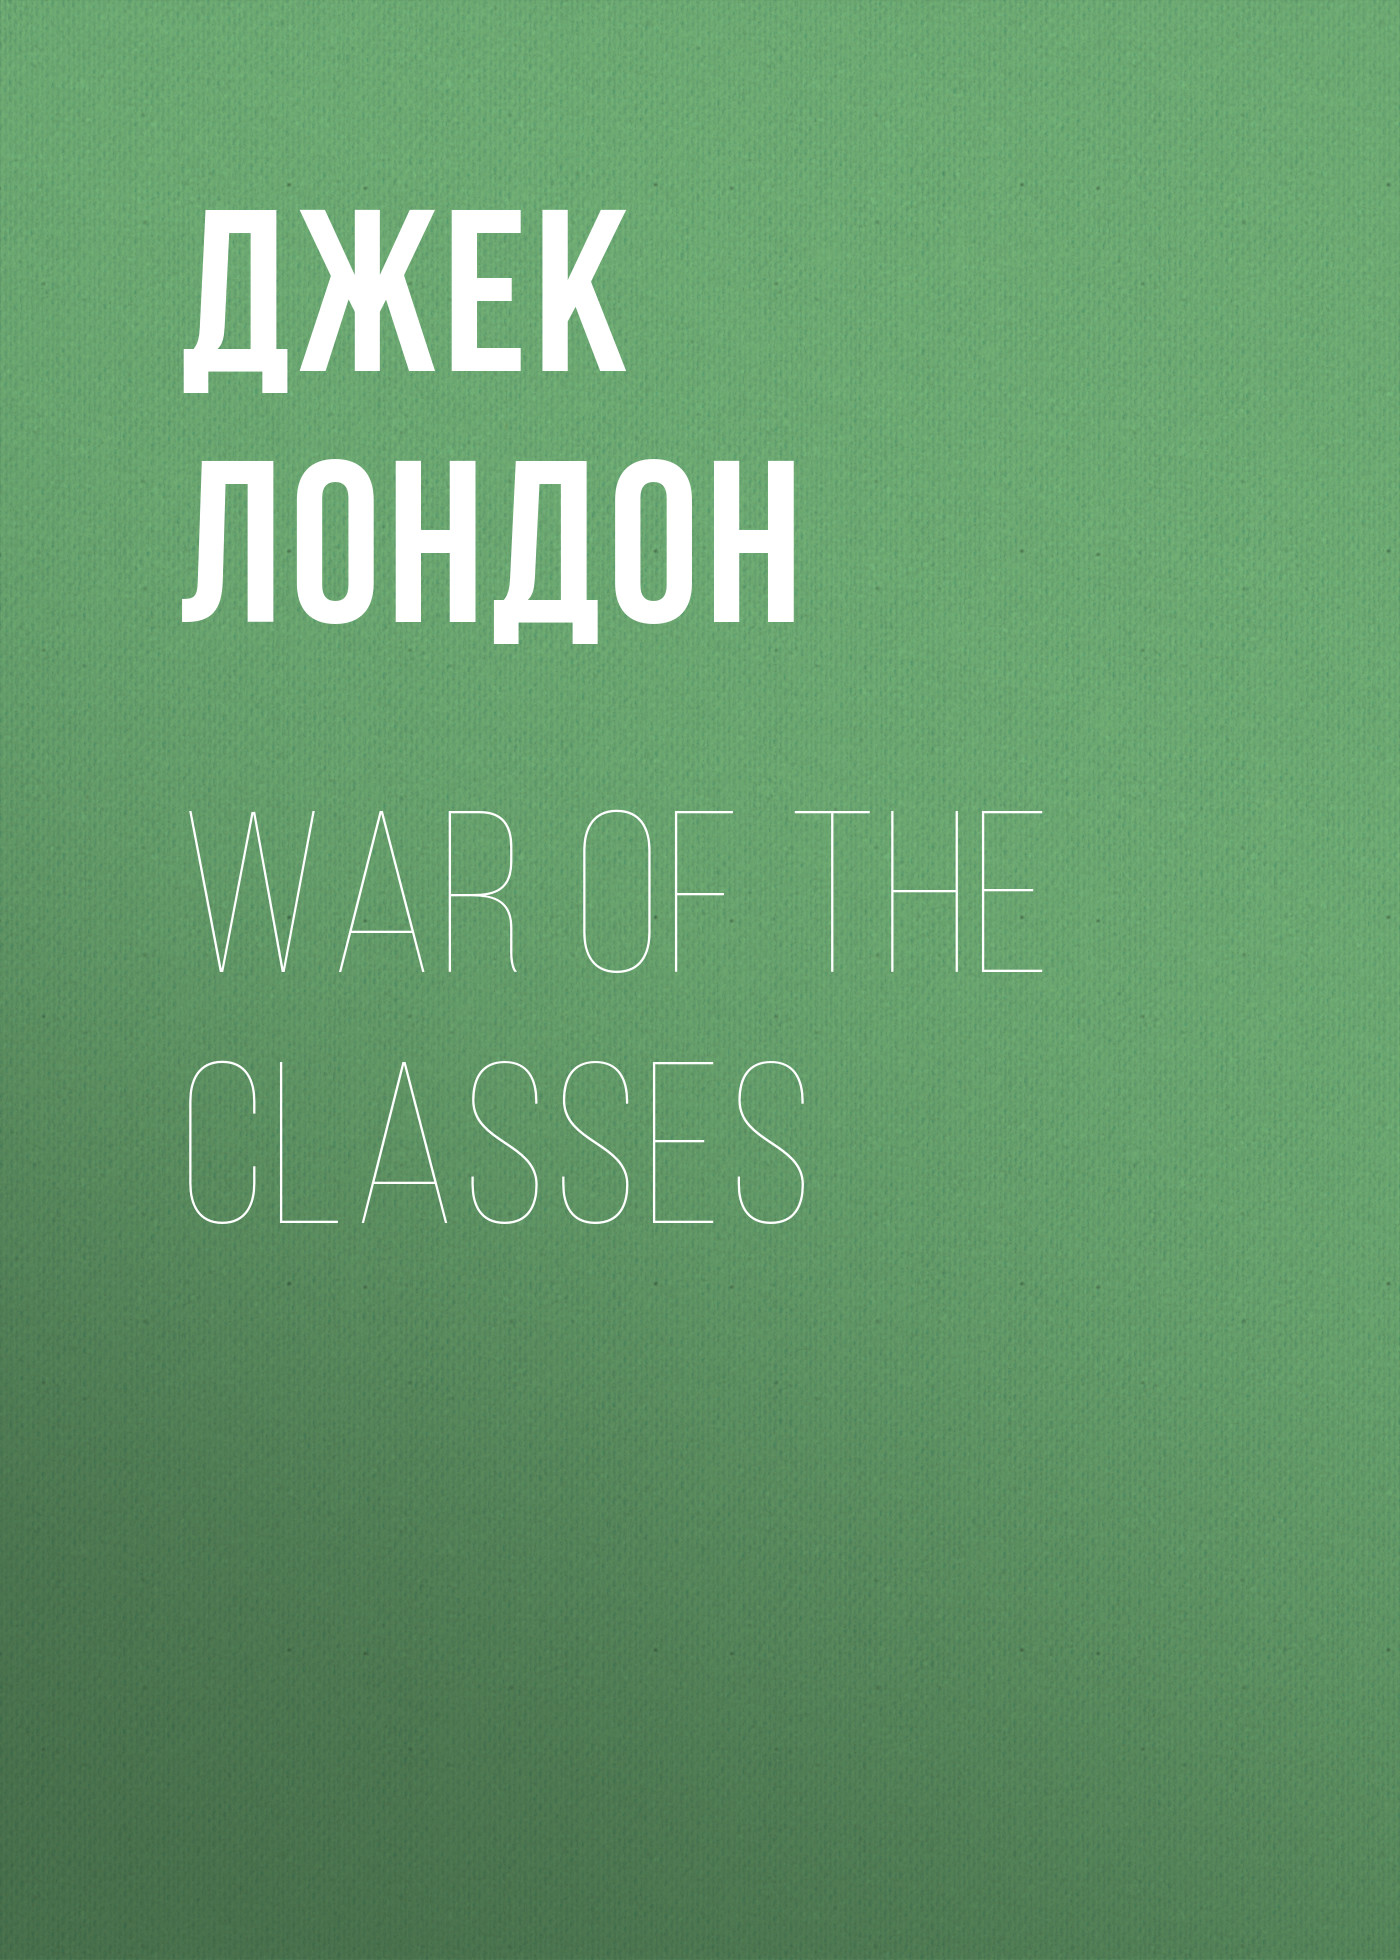 Джек Лондон War of the Classes джек лондон the mutiny of the elsinore